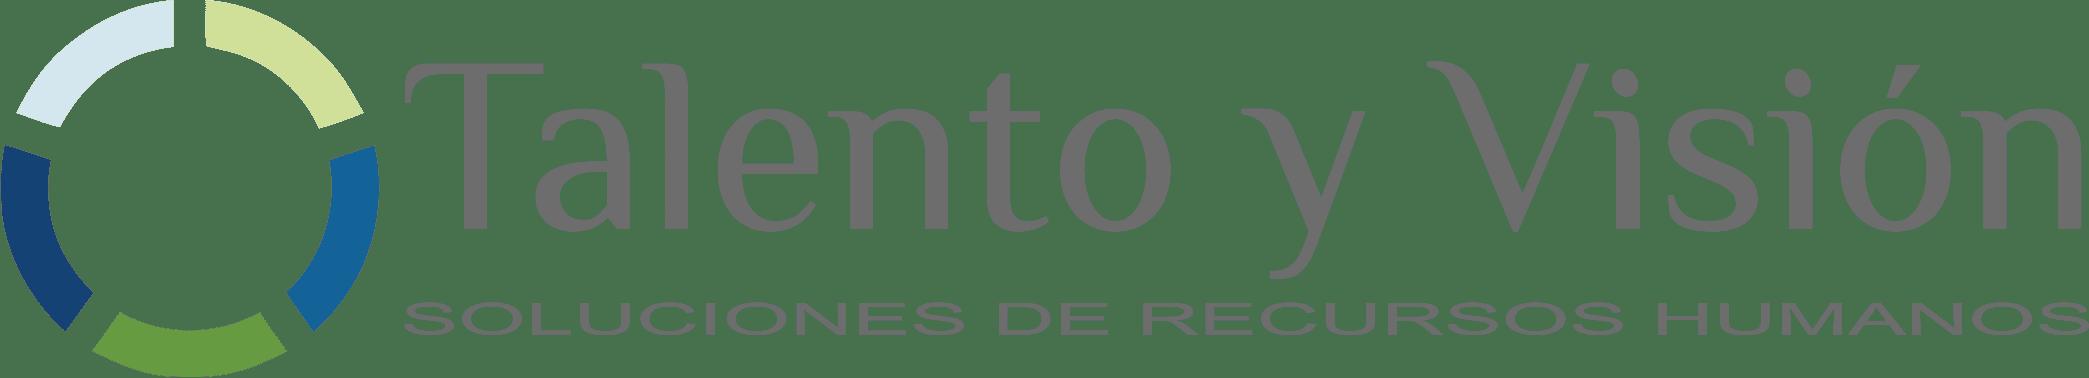 TALENTO Y VISIÓN